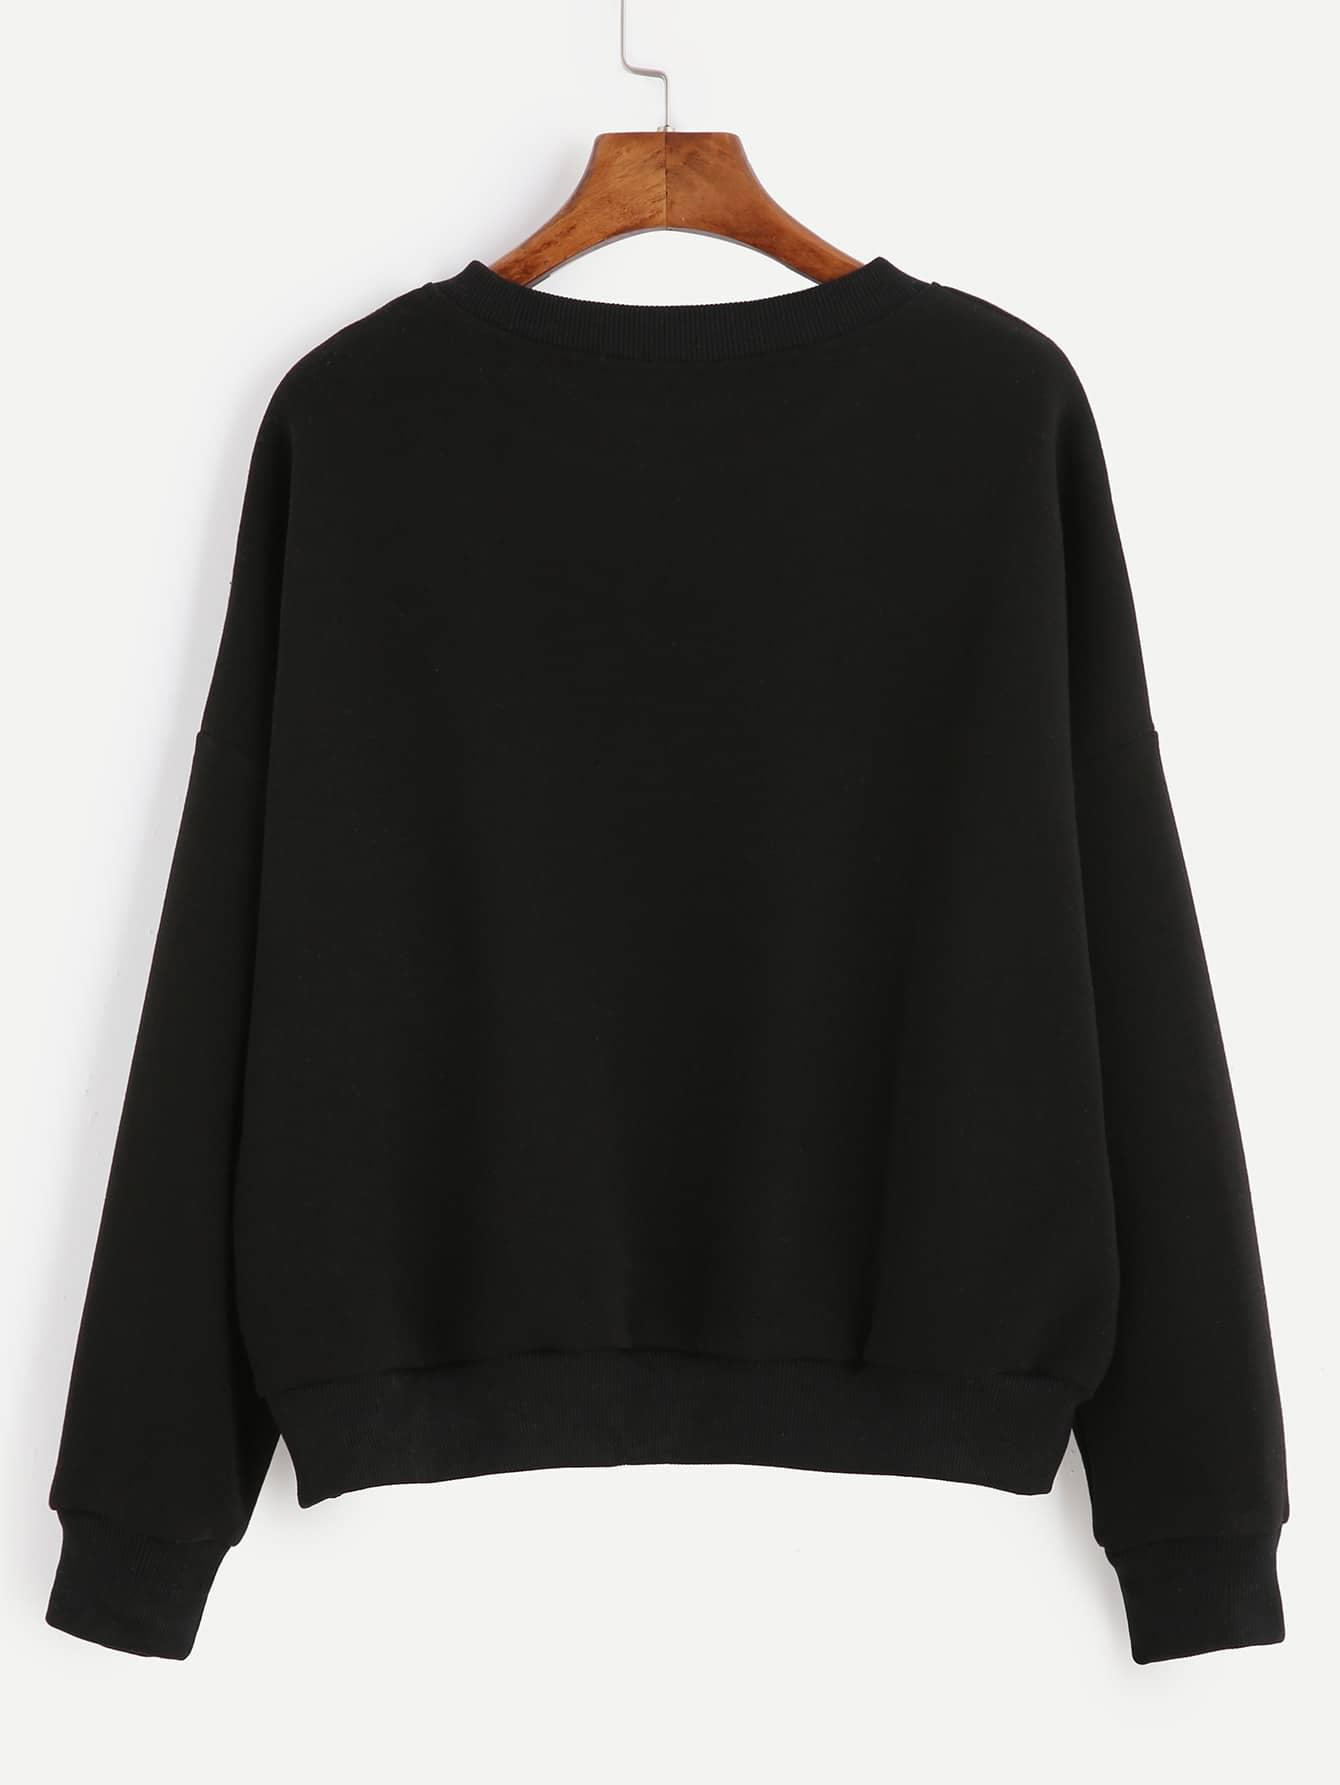 sweatshirt160829124_2